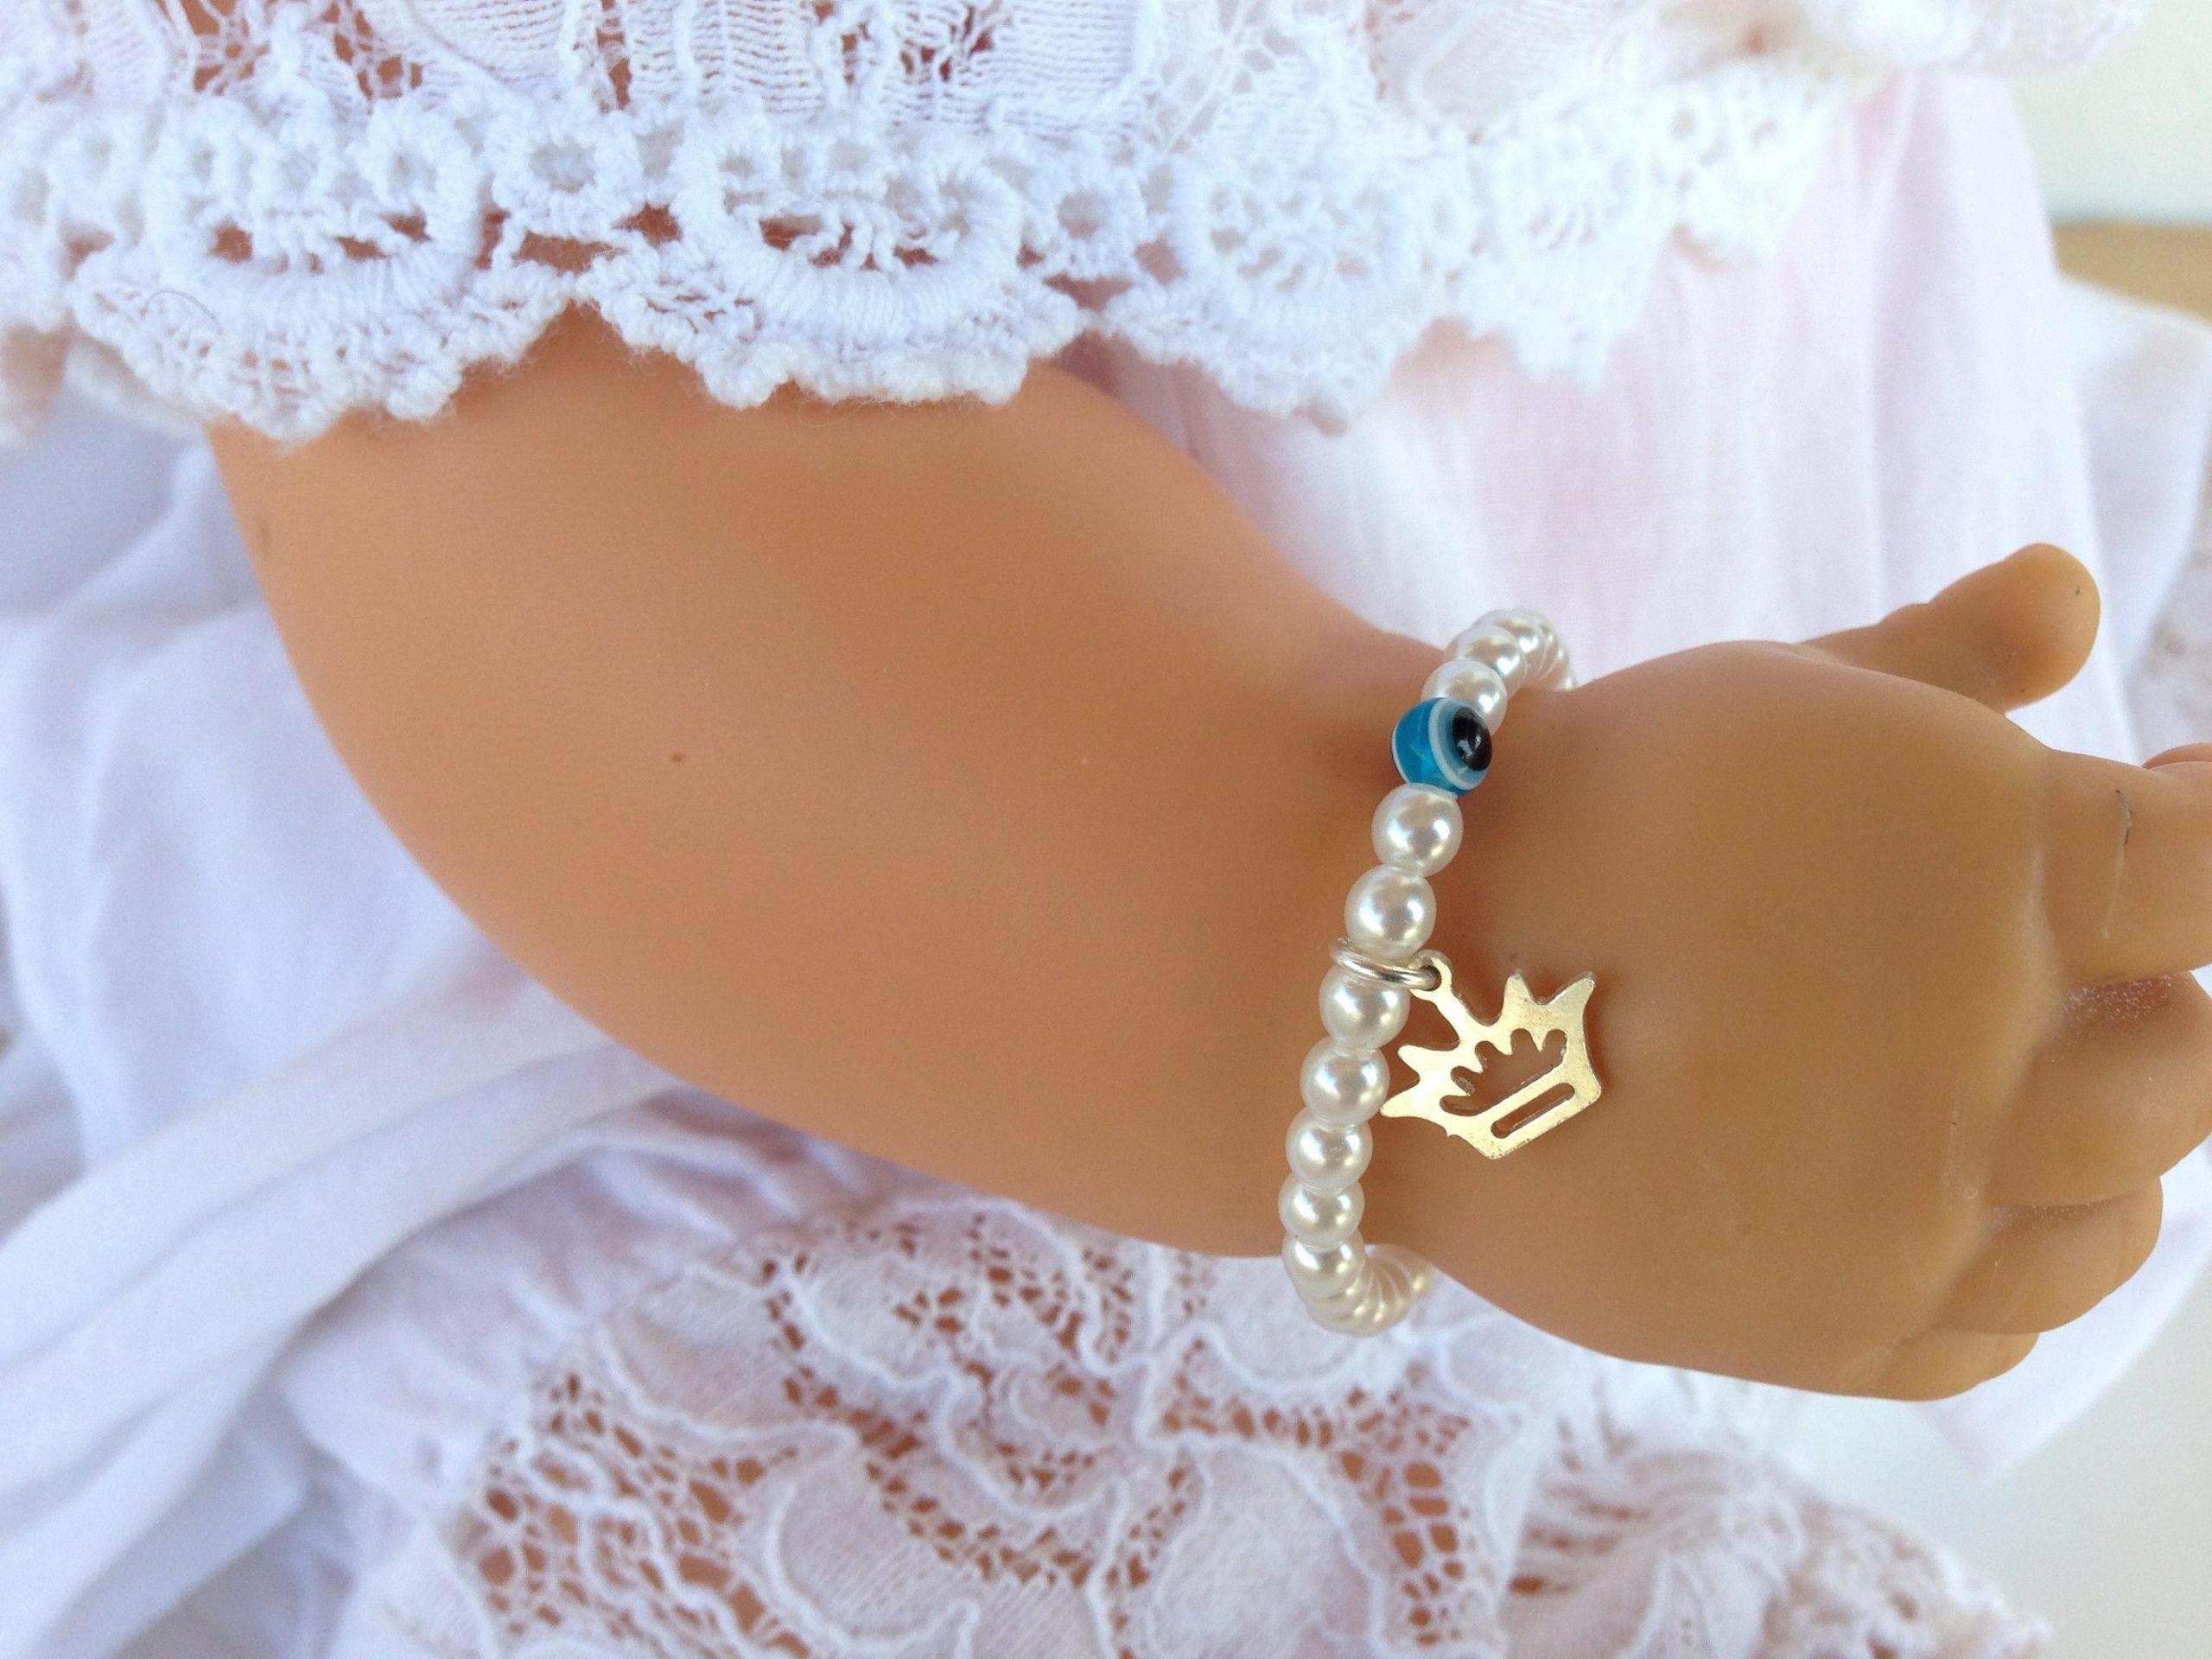 Evil eye crown pearl bracelet